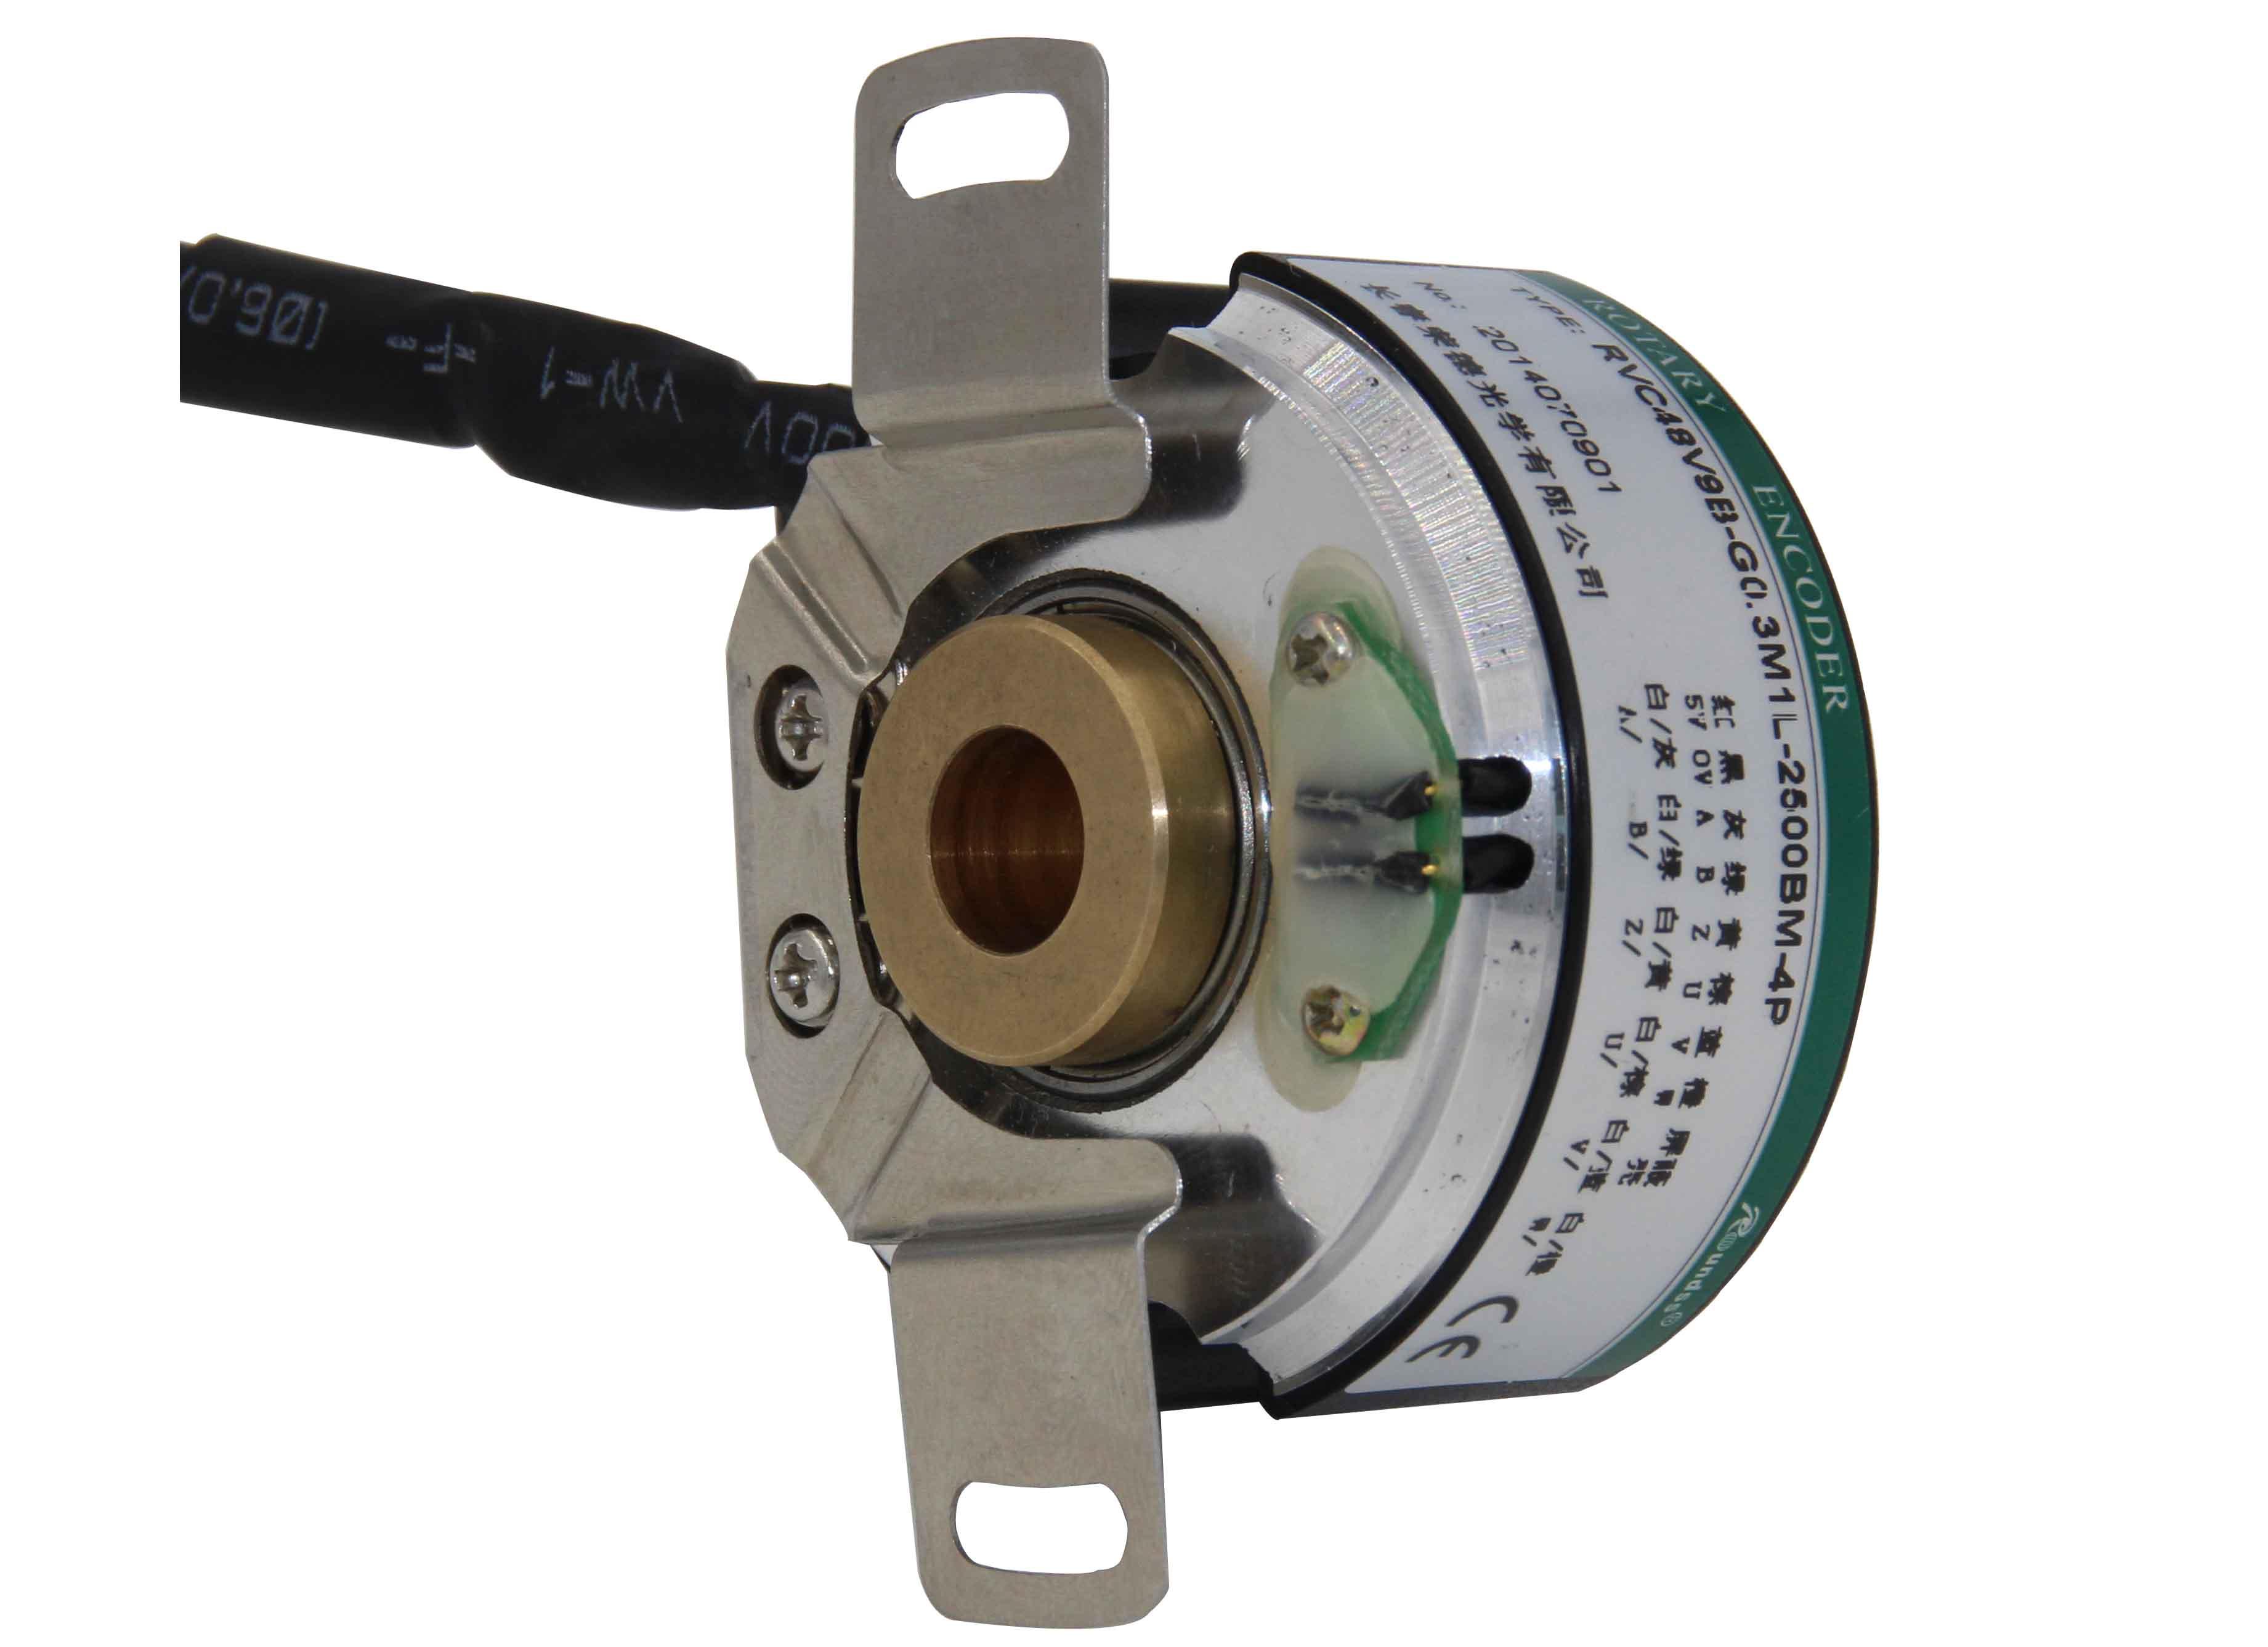 Servo Moter Incremental Encoder Roundss Encoder